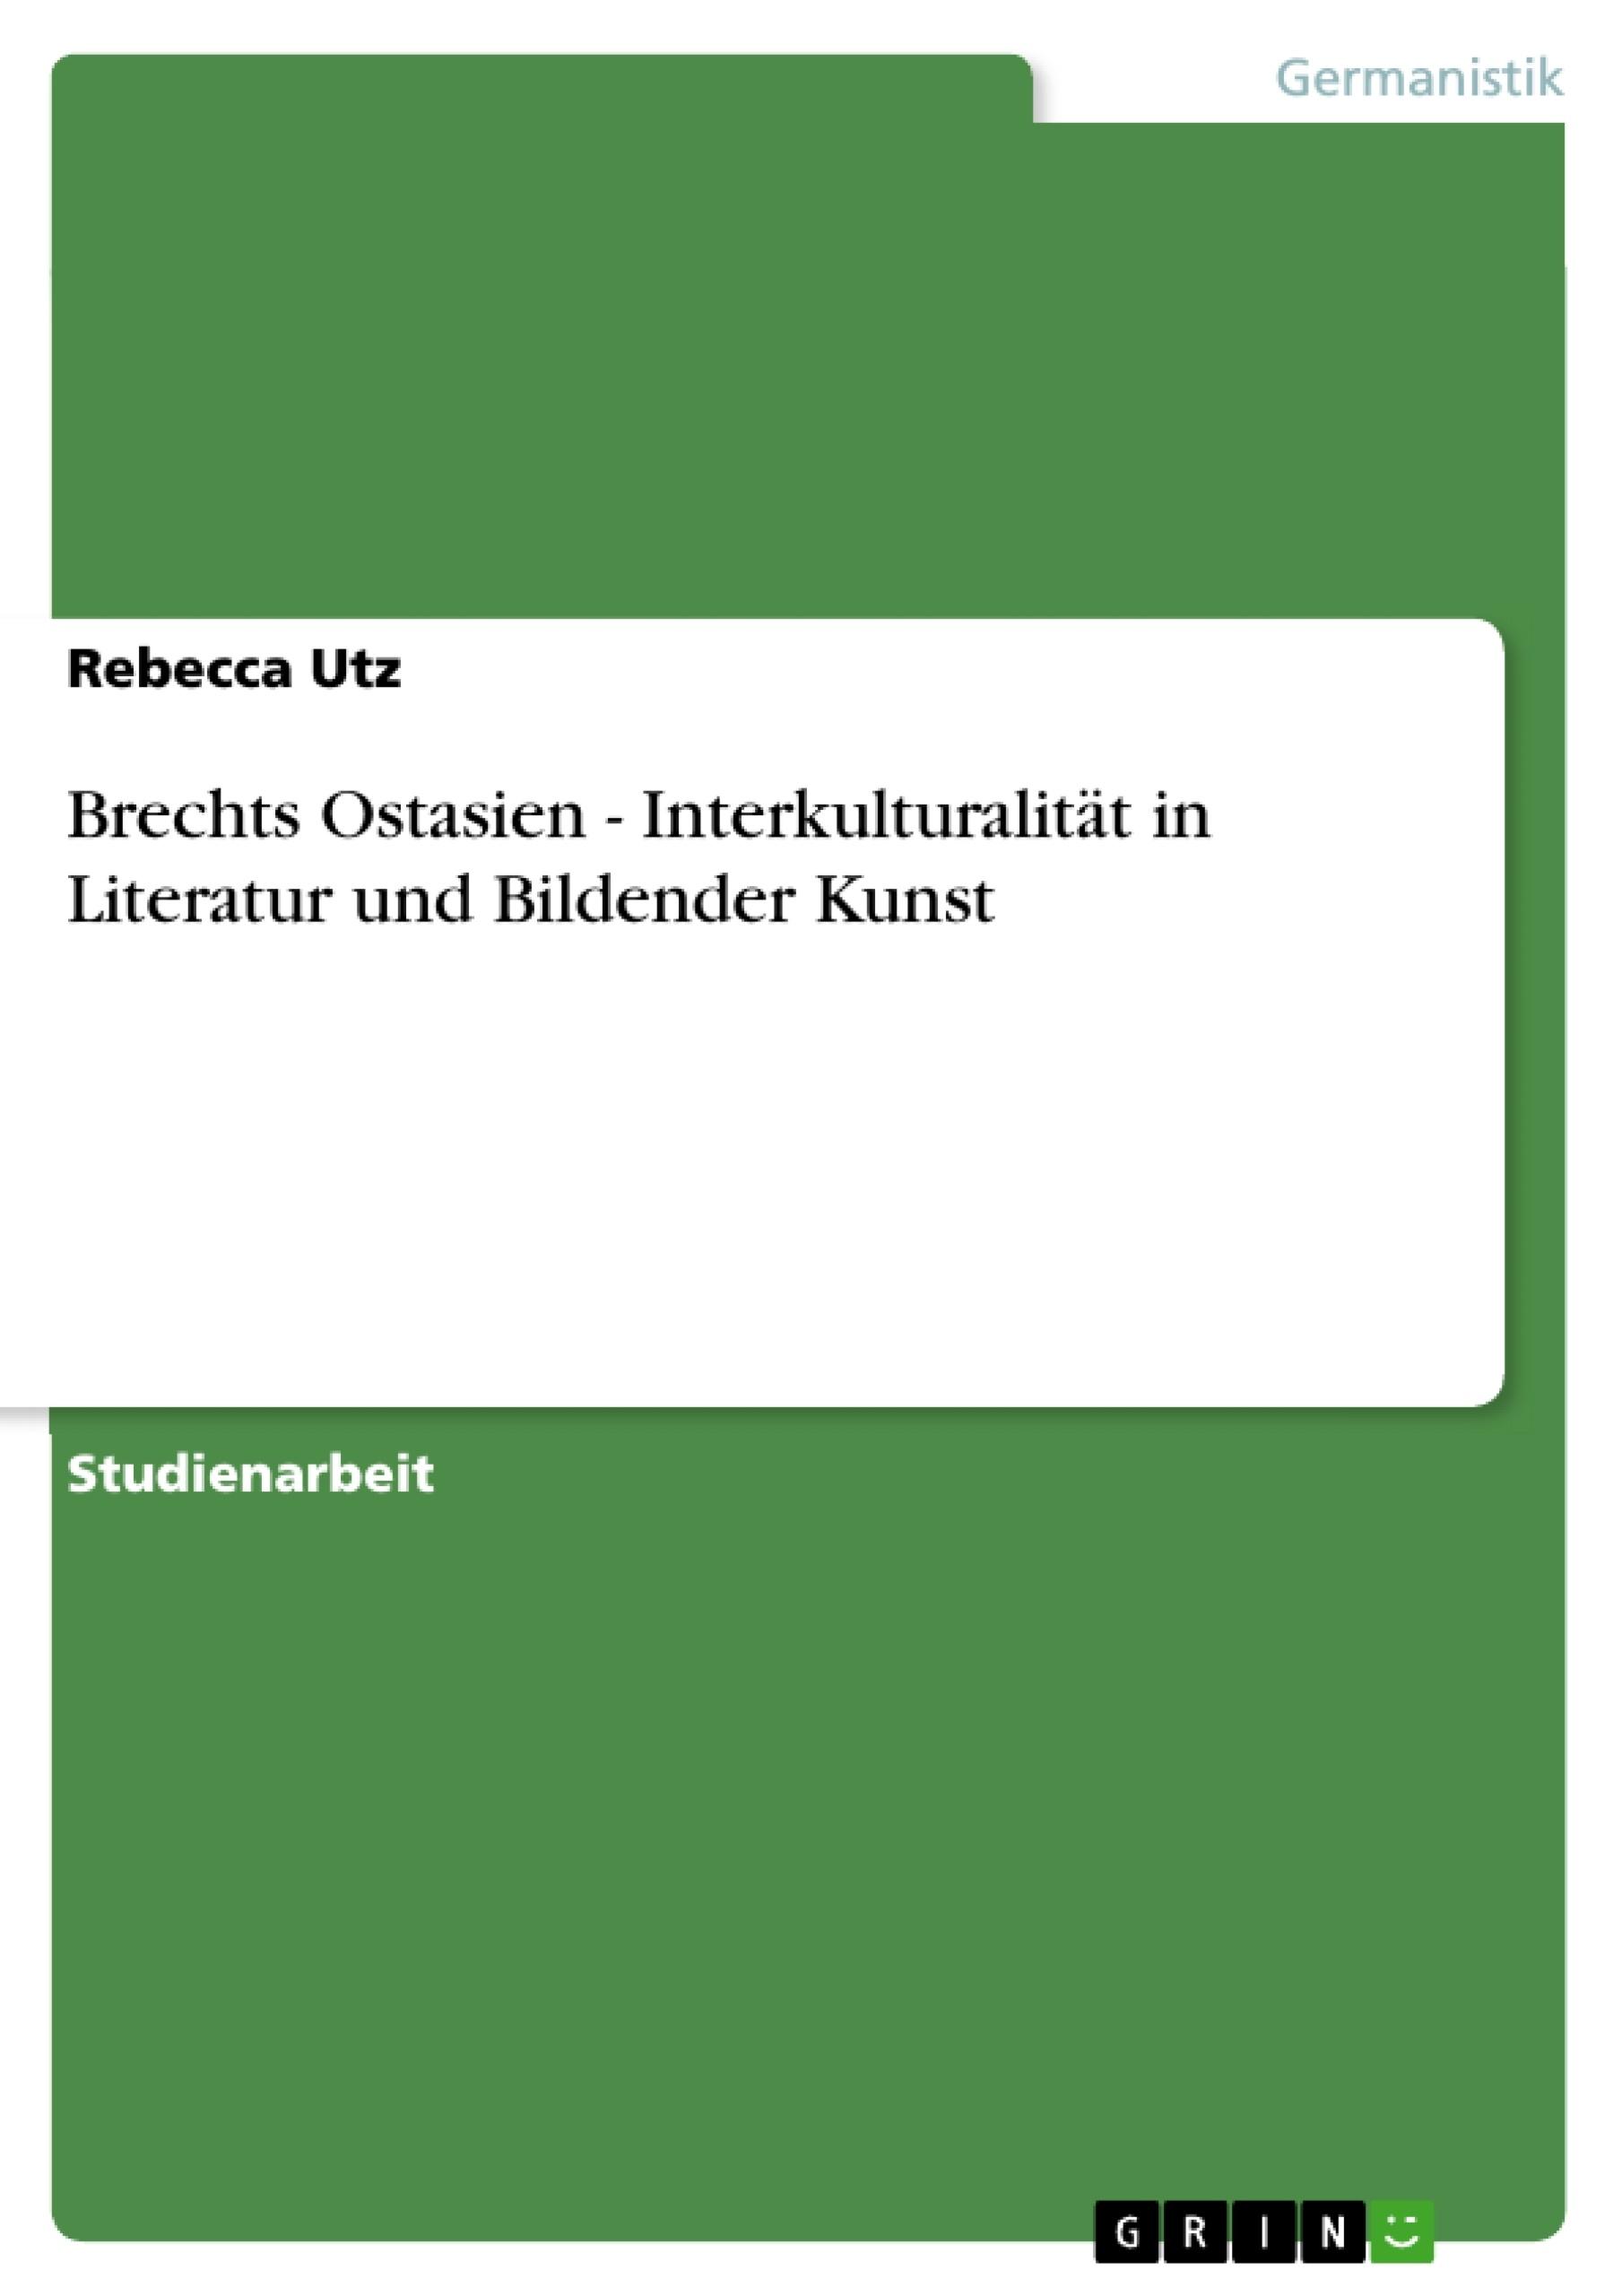 Titel: Brechts Ostasien - Interkulturalität in Literatur und Bildender Kunst